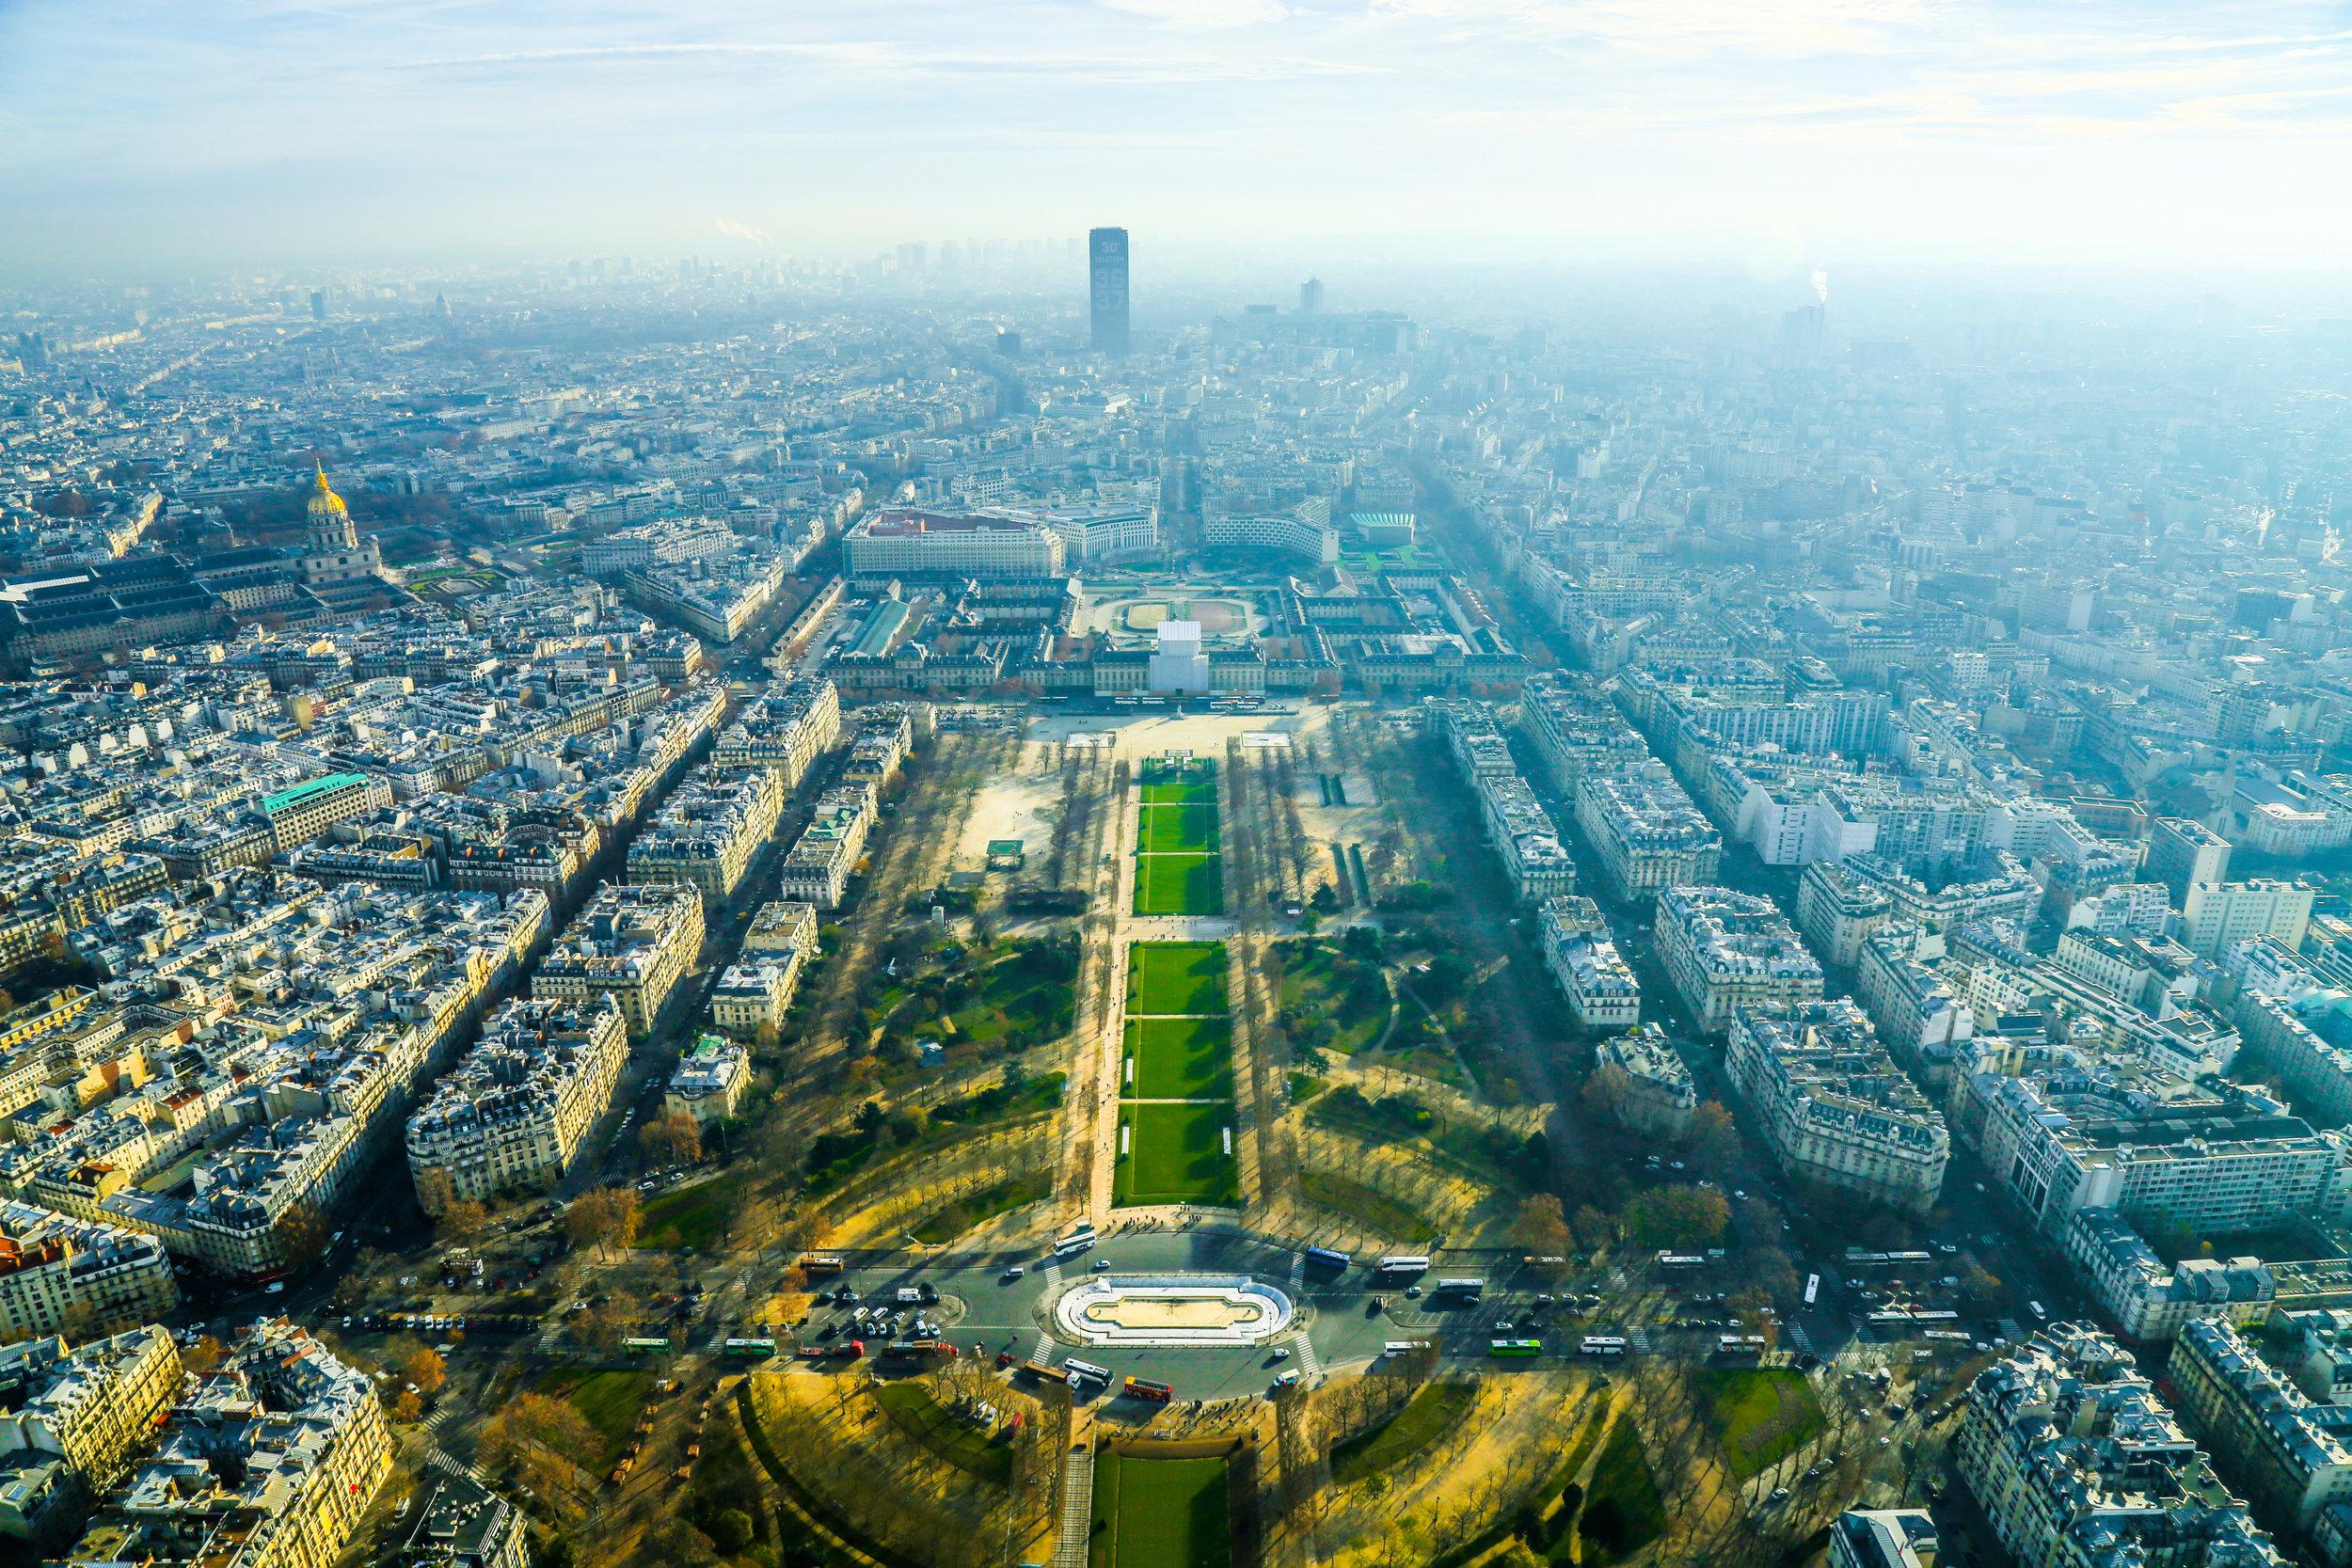 Top_Of_Eiffel_Tower1.jpg